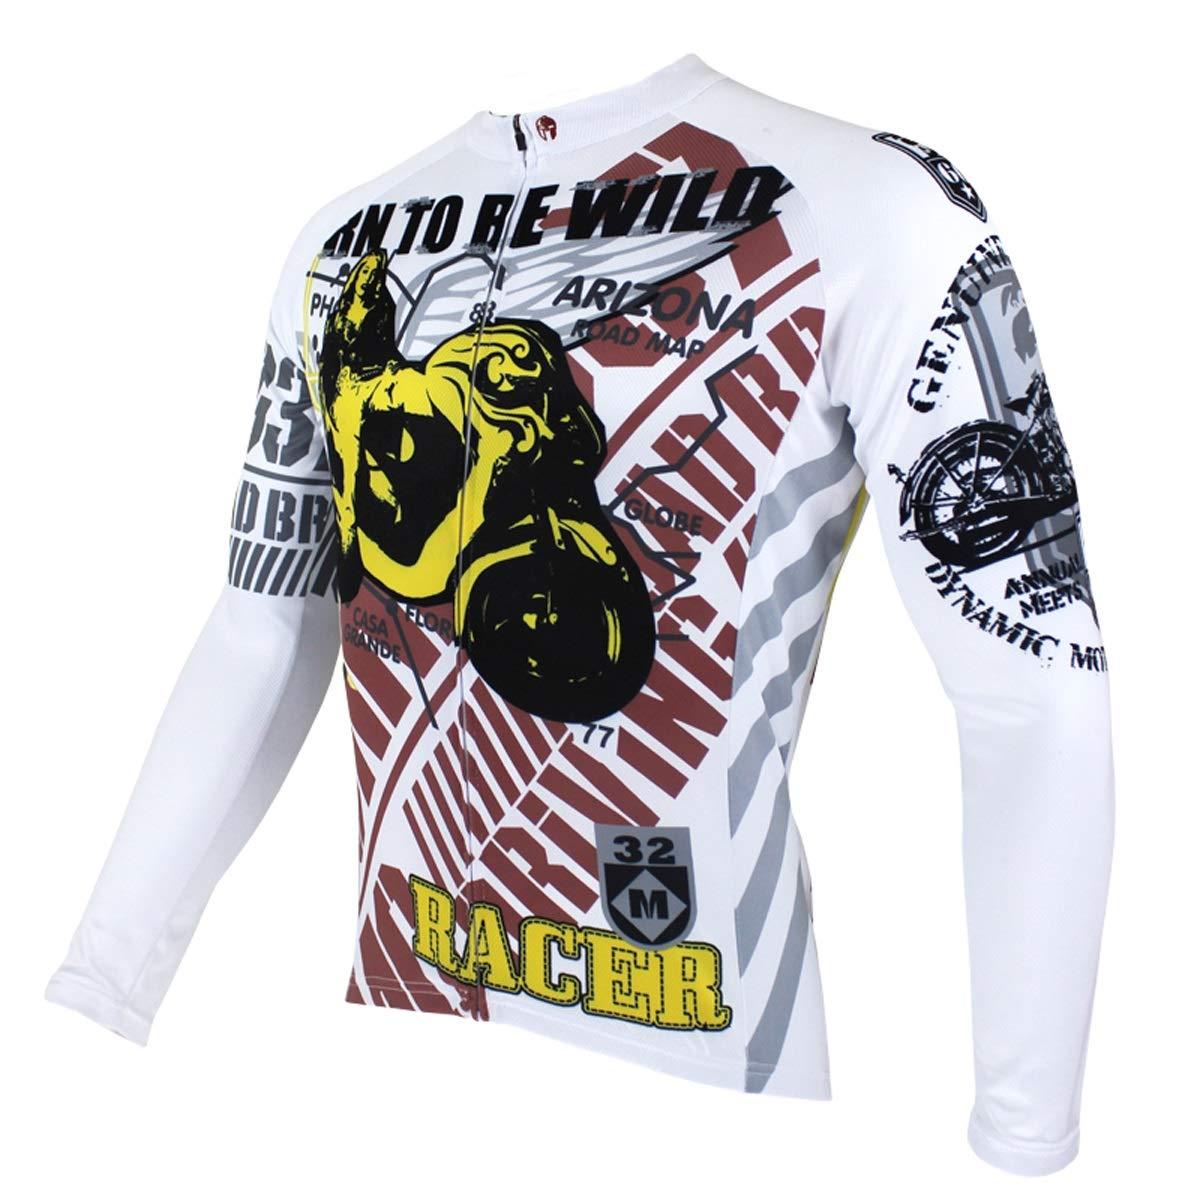 Fahrrad Reitanzug Radfahren Fahrradbekleidung Outdoor Sommer Herren Kurzarm Shirt Bike Jersey Fahrradtrikot LPLHJD